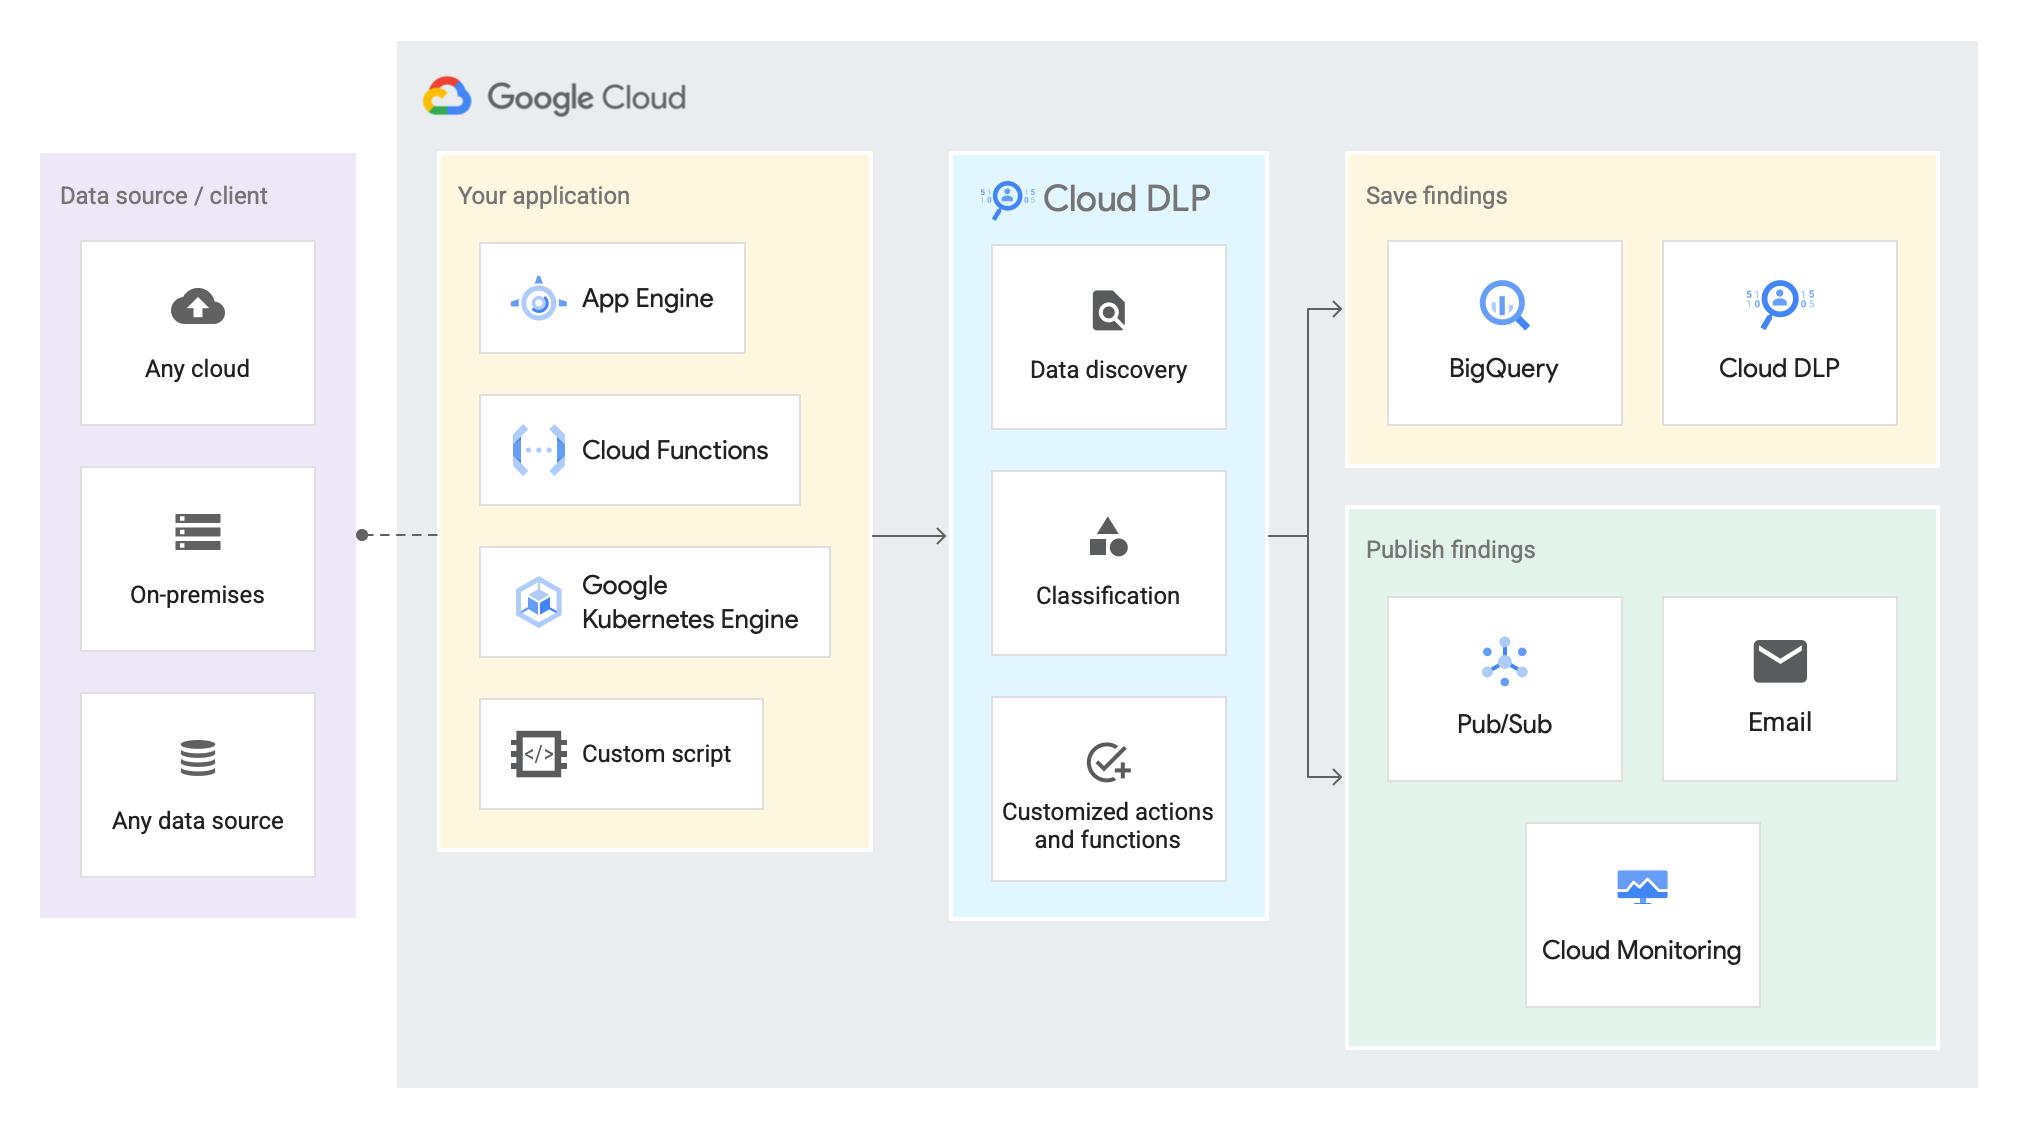 애플리케이션이 외부 소스에서 Cloud DLP로 데이터를 전송, Cloud DLP가 데이터를 검사한 다음 결과를 저장하거나 게시하는 경우를 보여주는 하이브리드 작업 Dataflow 다이어그램